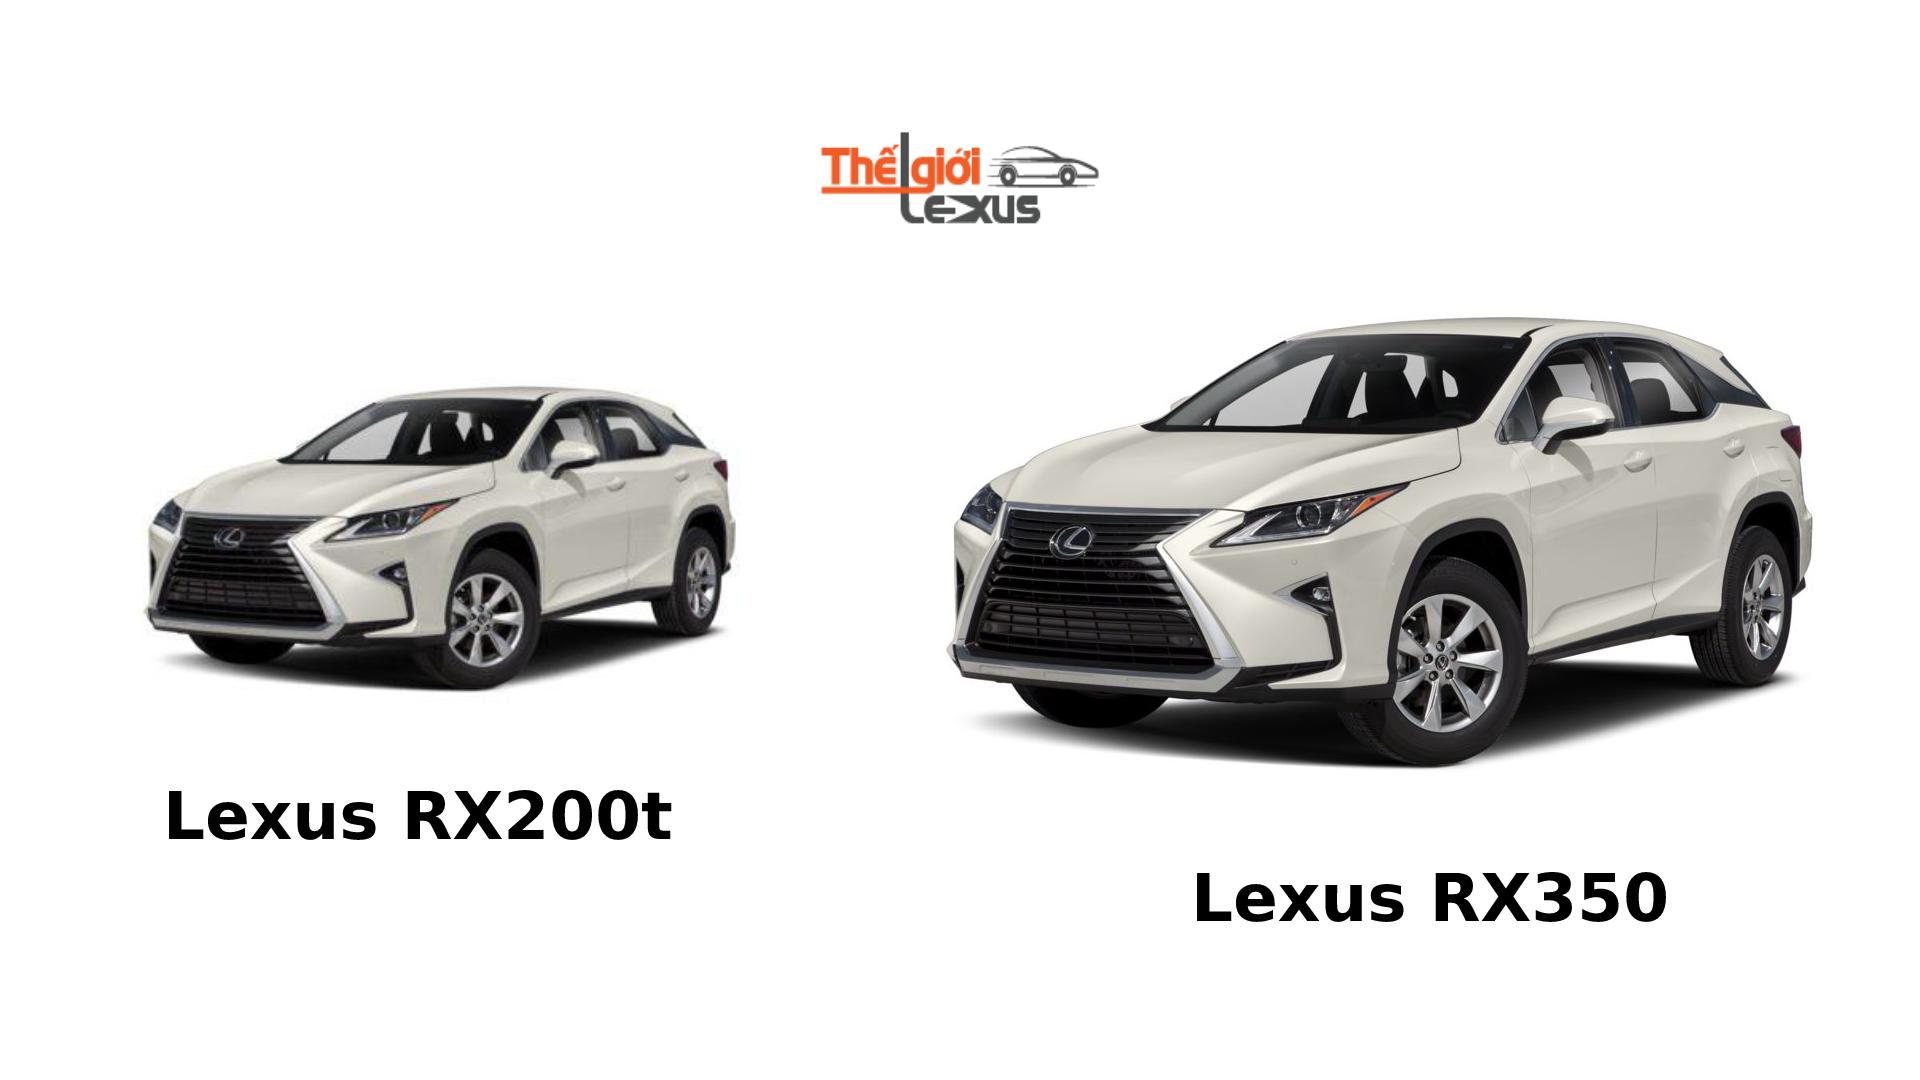 So sánh Lexus RX200t và RX350: chiếc SUV nào sang trọng hơn